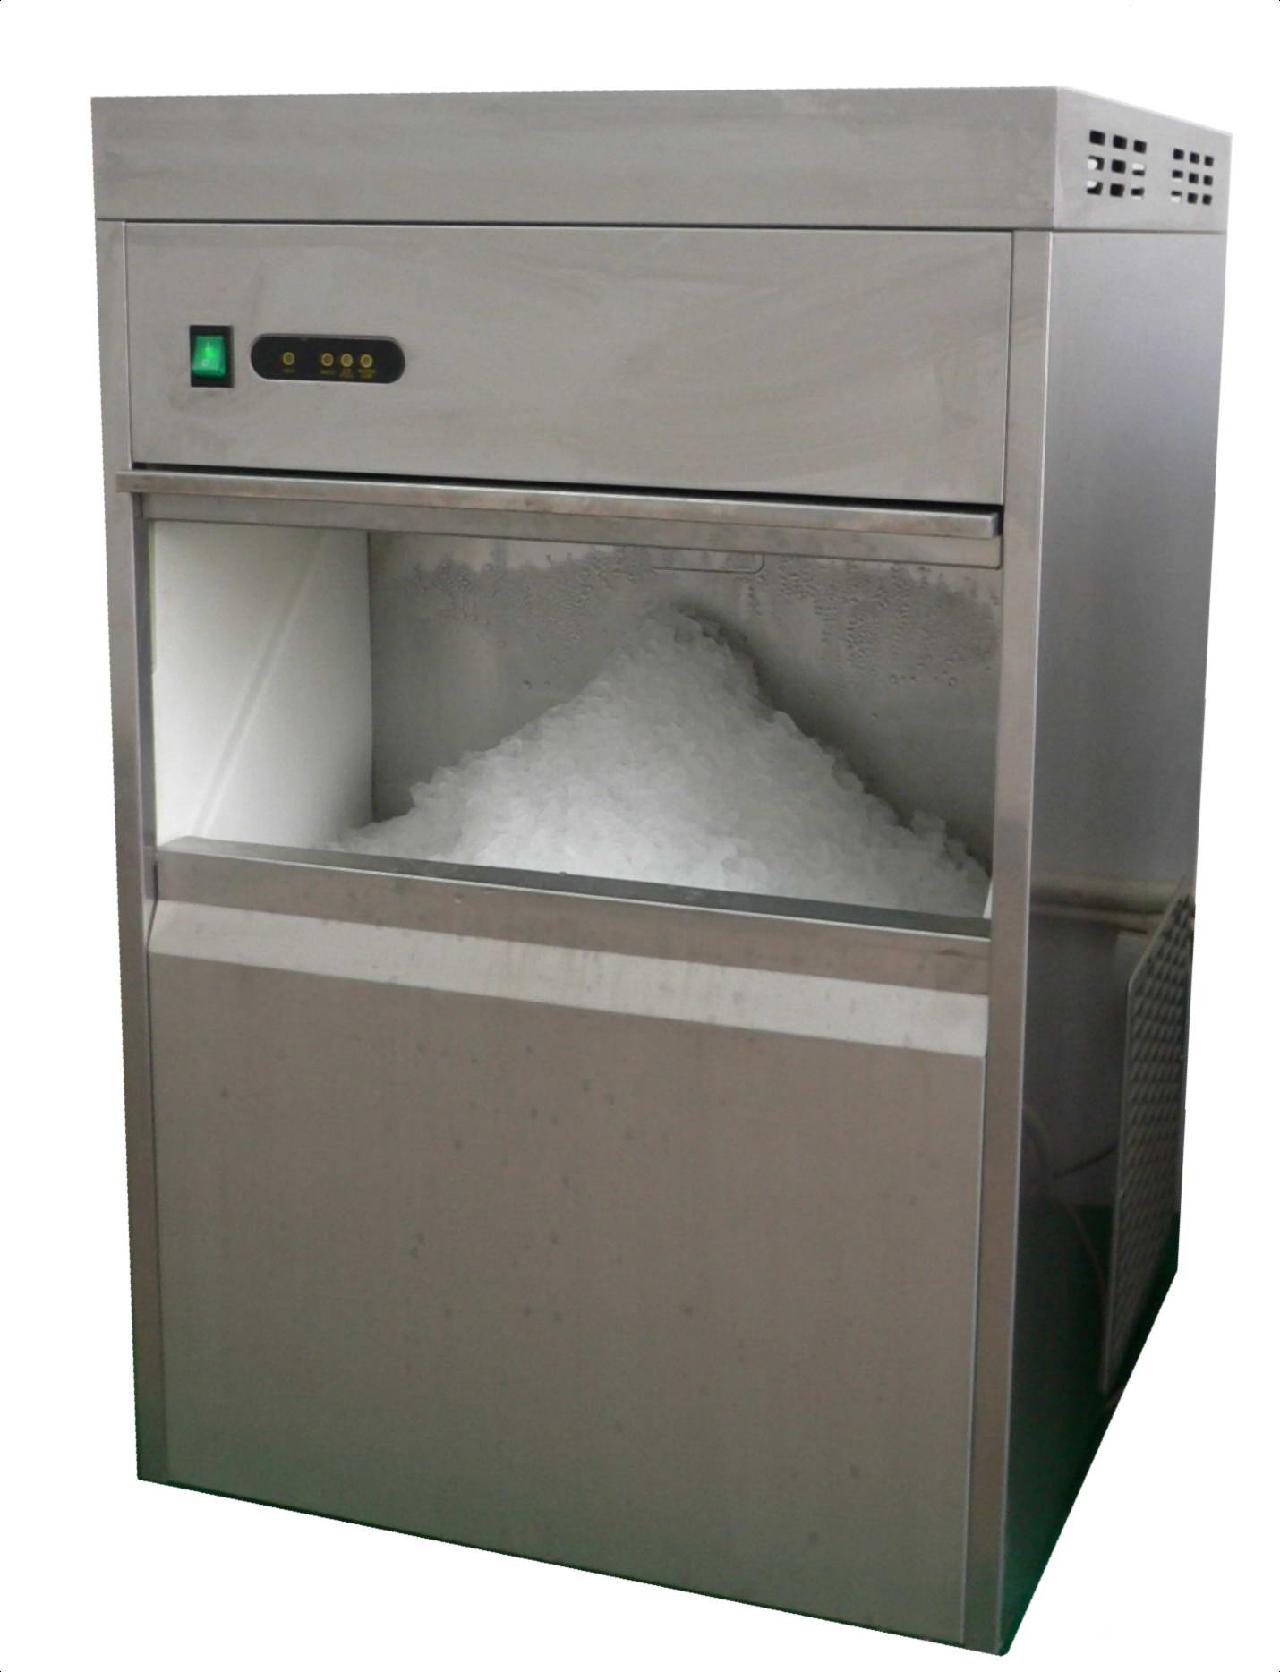 由于半方冰的融化速度比较快,所以半块冰广泛应用于咖啡厅还有麦当劳这些场所;三五好友聚在一起喝点红酒或者饮料,可以选择规格28*28*25(MM)的大方冰;除了大方冰还有一种适合高档会所用的圆冰。圆冰溶化速度慢,是红酒和洋酒的理想选择,冰块纯洁、薄明、硬度高,而且不会连冰;雪花冰被广泛应用于日本料理、酒店等场所;另外还有商超海鲜工作台上使用的鳞片冰、面包店使用的月形冰等。微电脑控制,进水、排水、菏泽制冰机报价,商用制冰机厂家,大型制冰机哪里卖制冰全自动化,无需专人操作,使用安全。冷凝系统和冷凝感温装置科学配